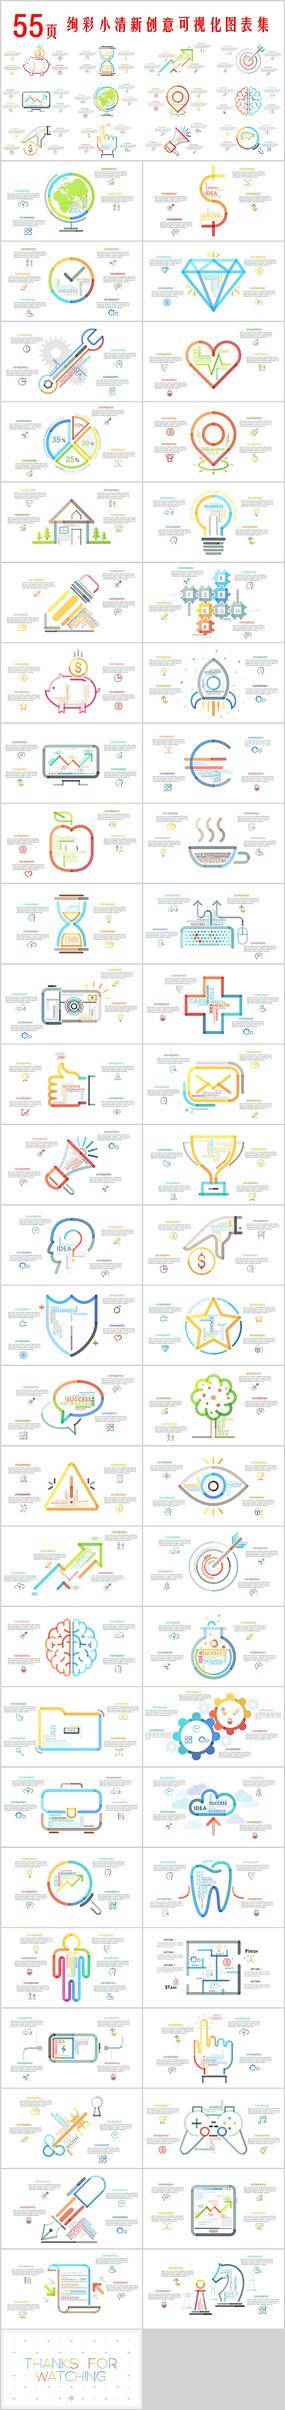 清新创意信息PPT图表集 pptx